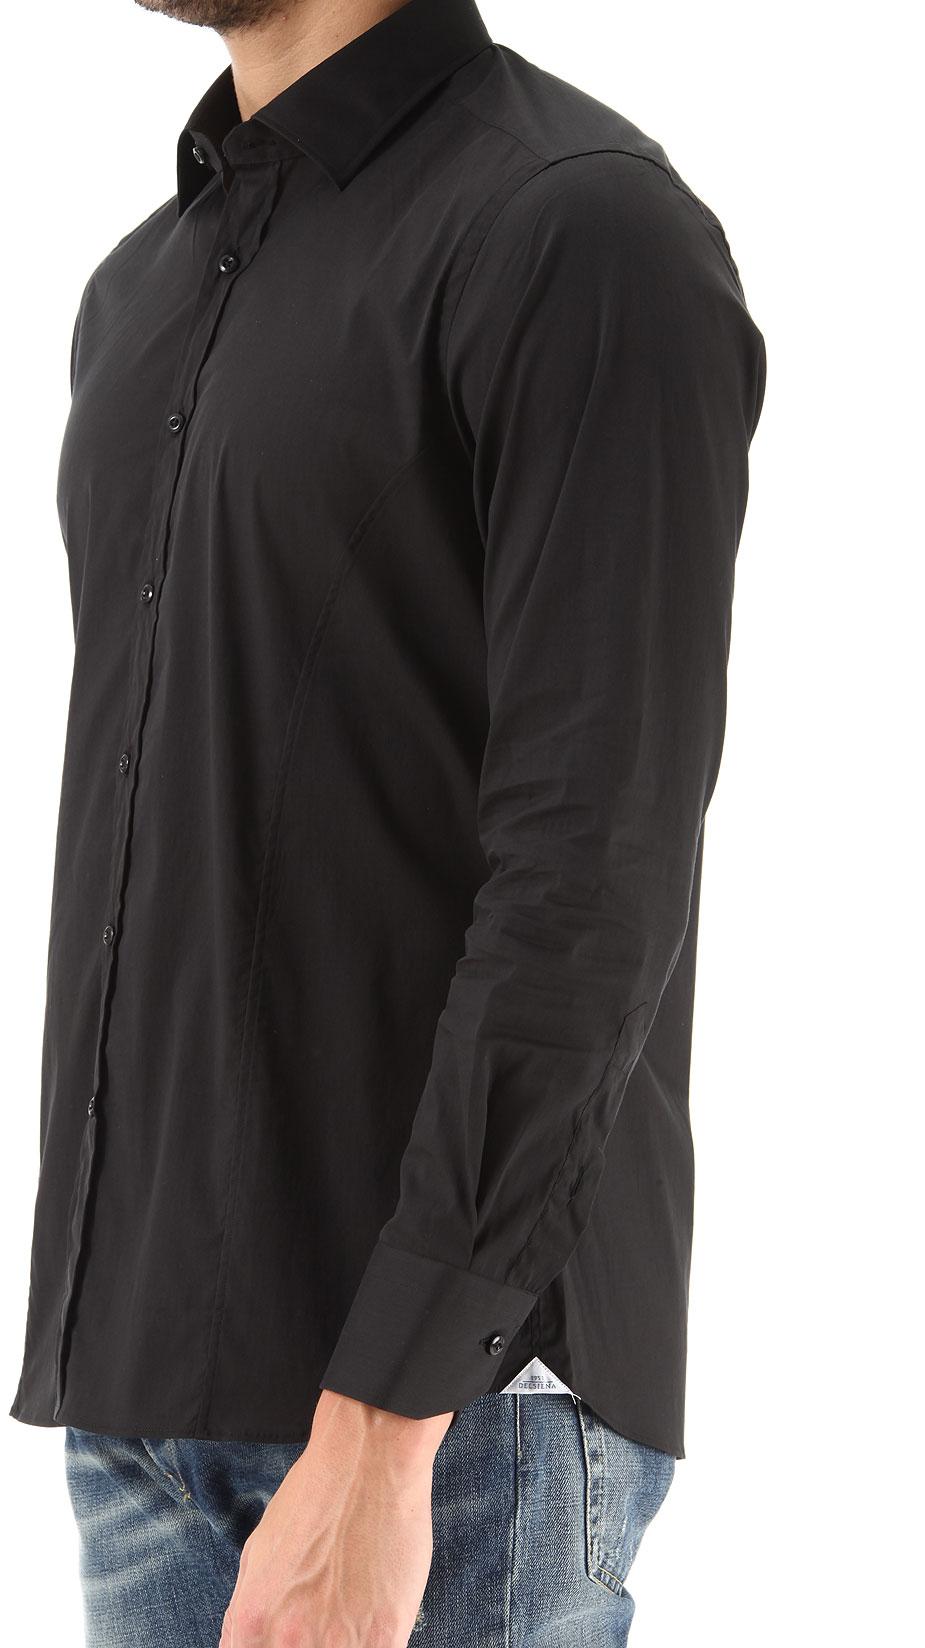 Siena Articolo Codice Siena Del Del Abbigliamento 603530 Uomo Abbigliamento 007 3342 Uomo RAxw16qddg